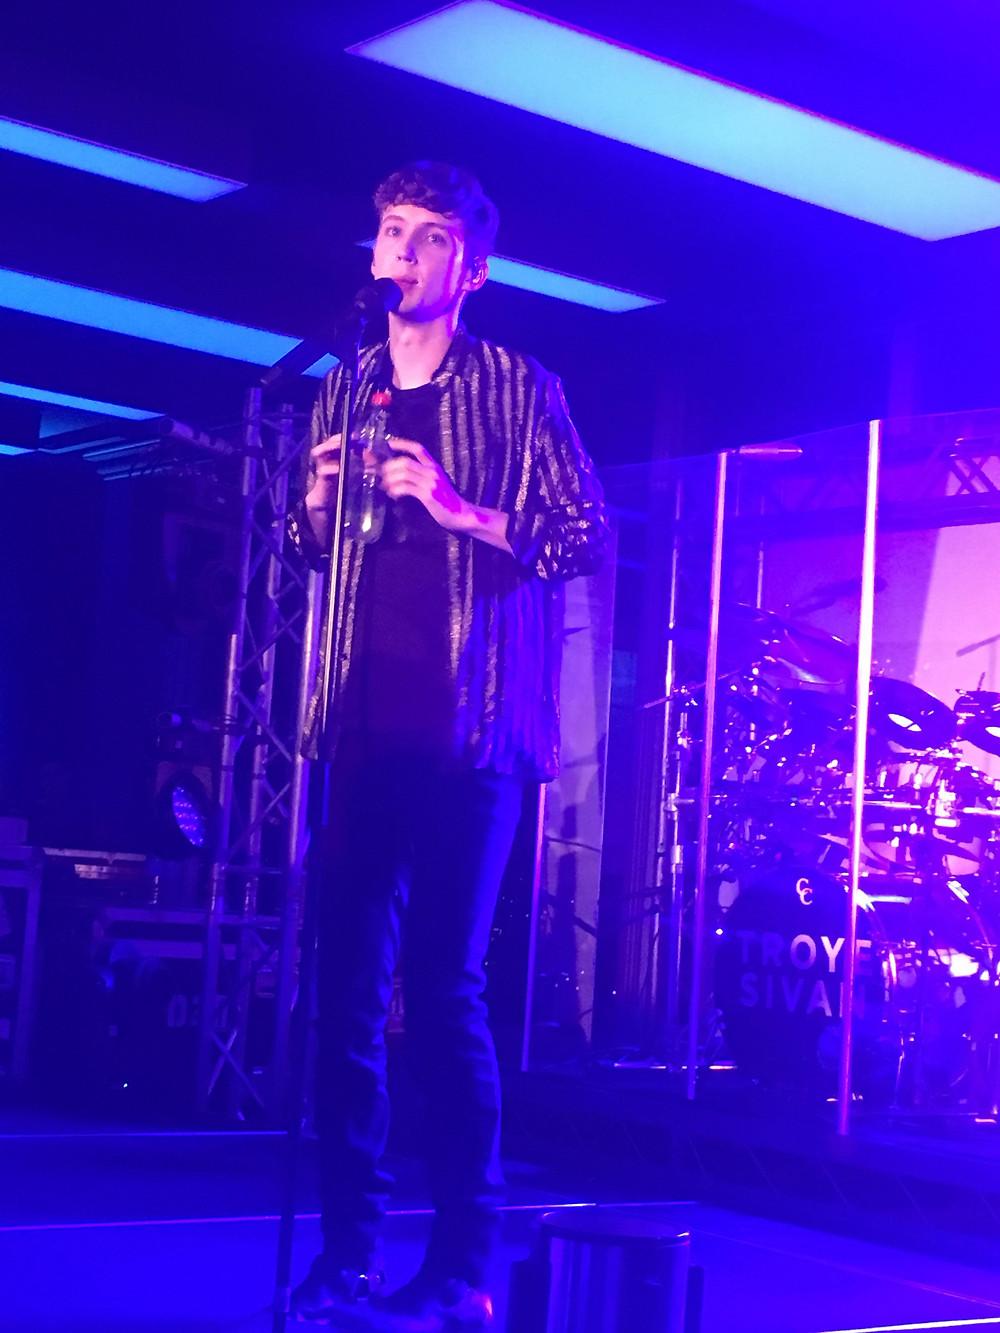 Troye Sivan on stage singing